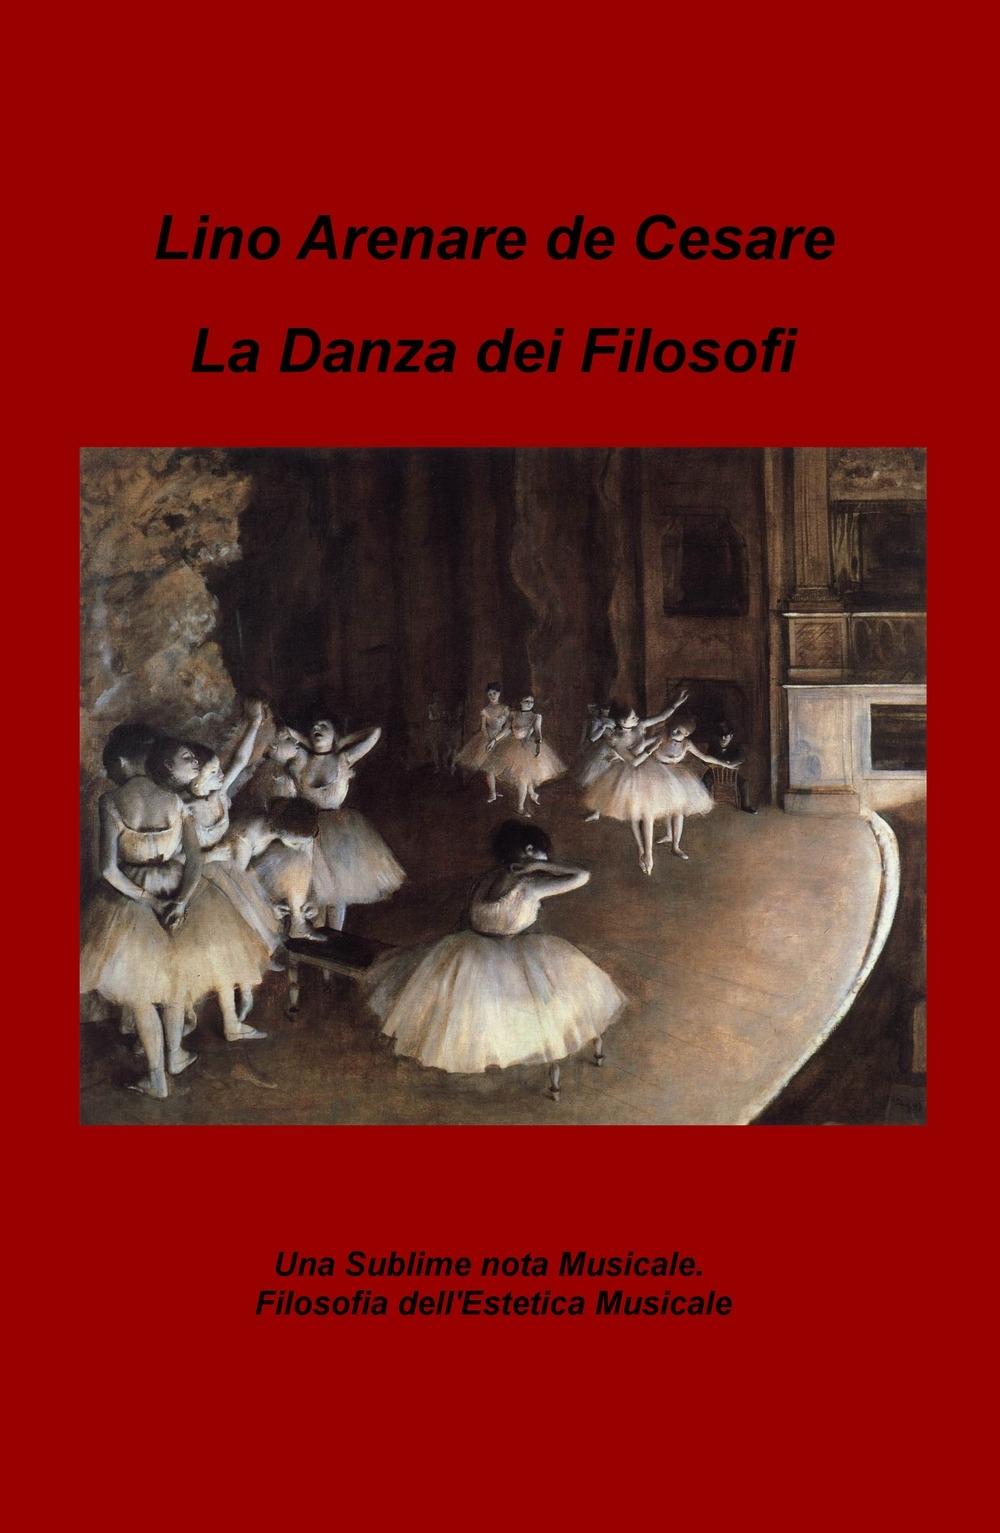 La danza dei filosofi. Una sublime nota musicale. Filosofia dell'estetica musicale